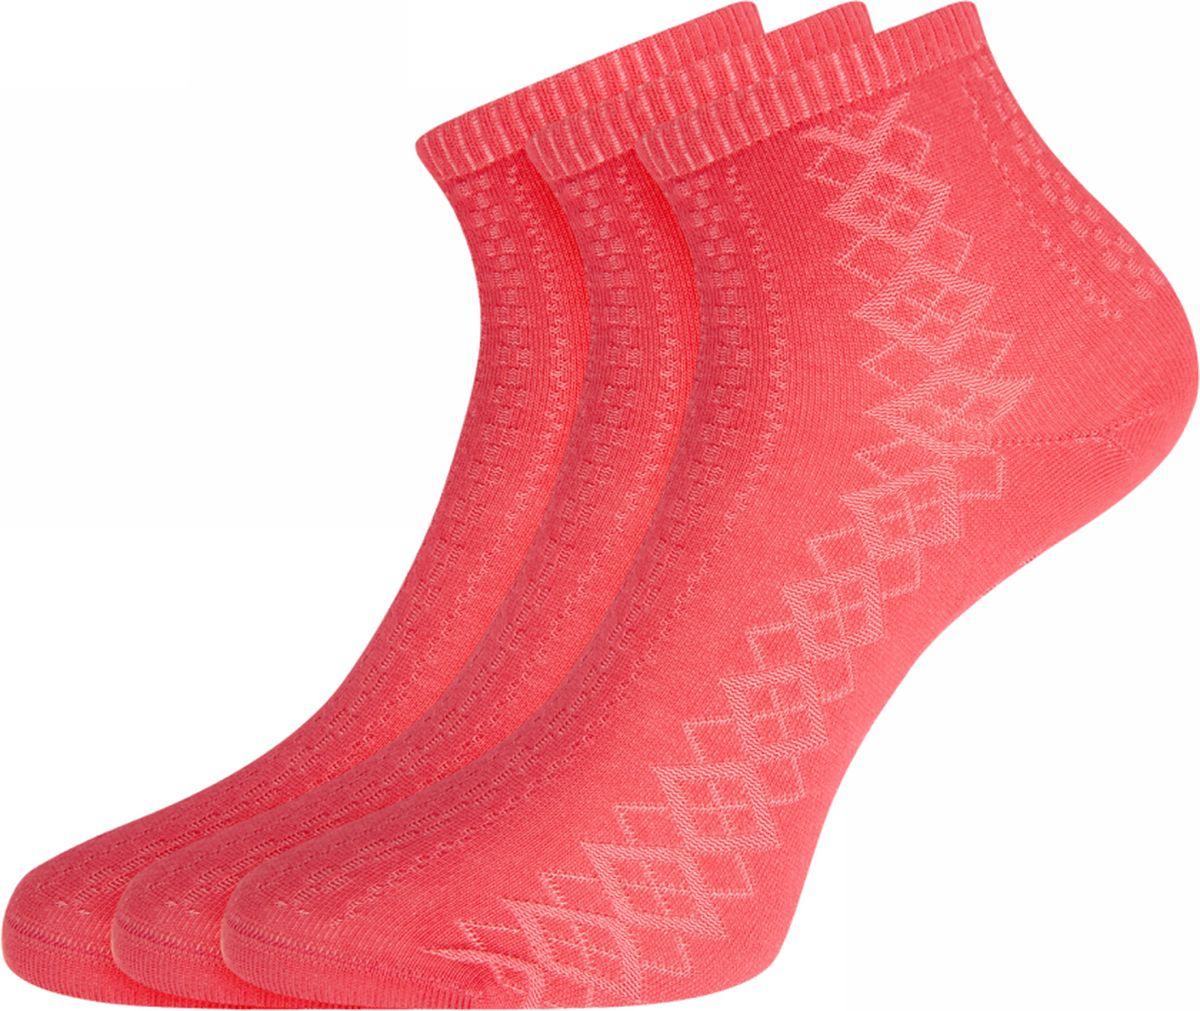 Комплект носков oodji jd коллекция светло телесный 12 пар носков 15d две кости размер